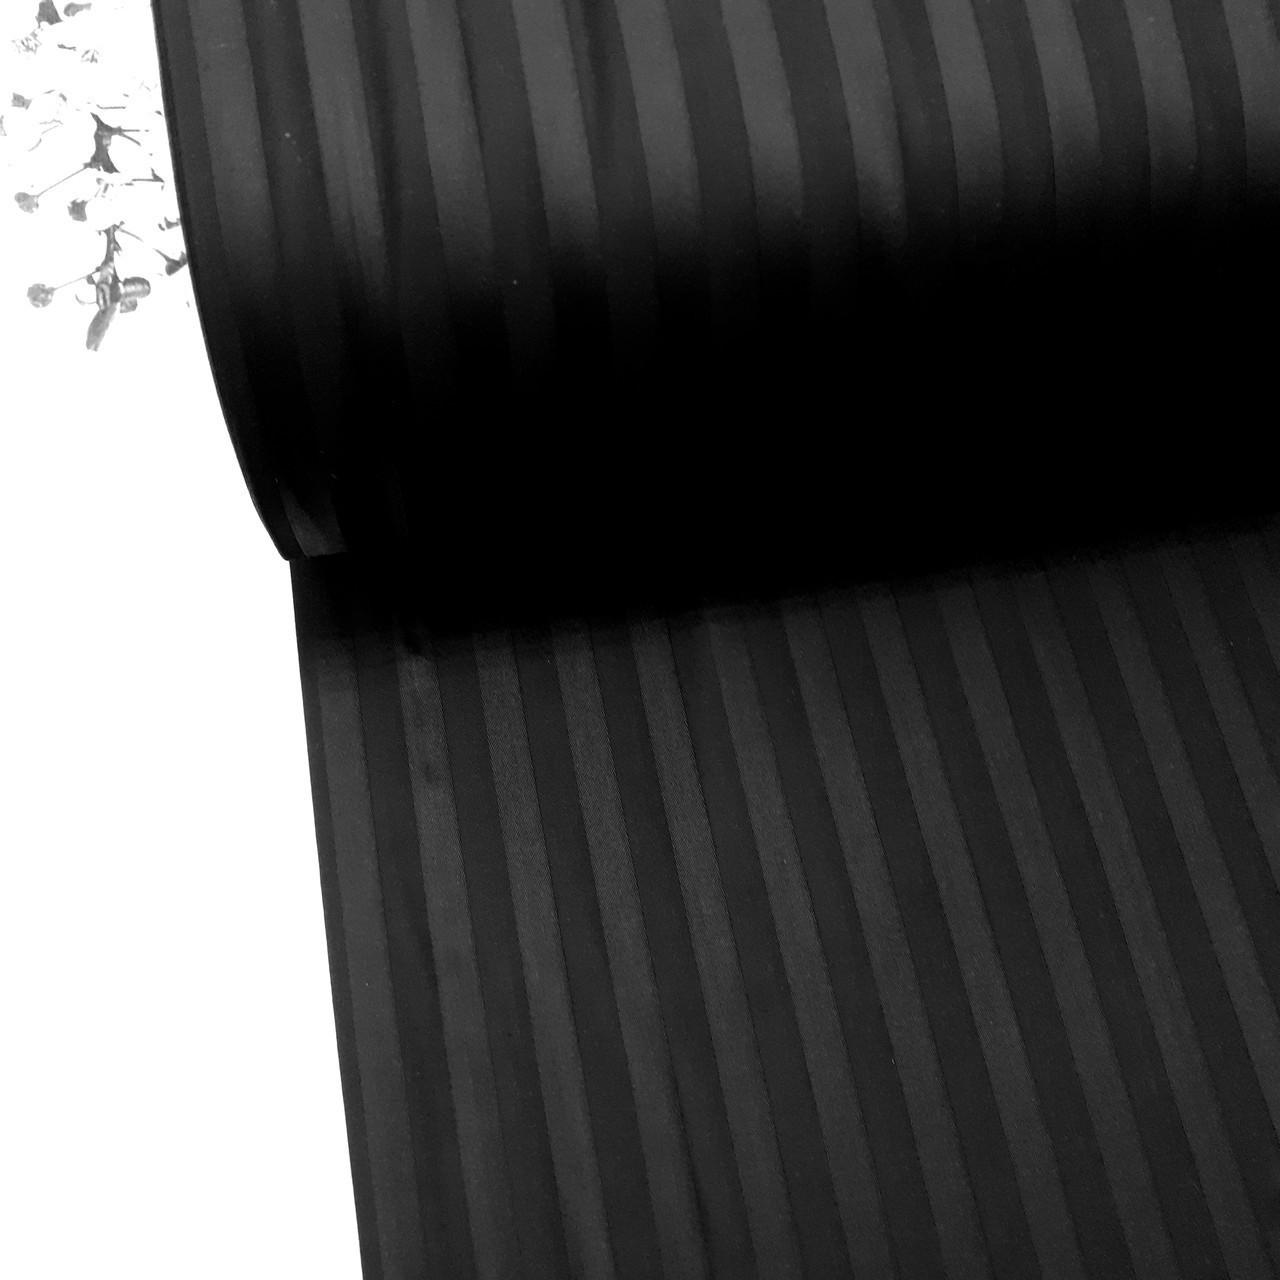 Сатин 100% хлопок  (ТУРЦИЯ шир. 2,4 м) Stripes черный ОТРЕЗ (размер 1,4,*2,4 м)